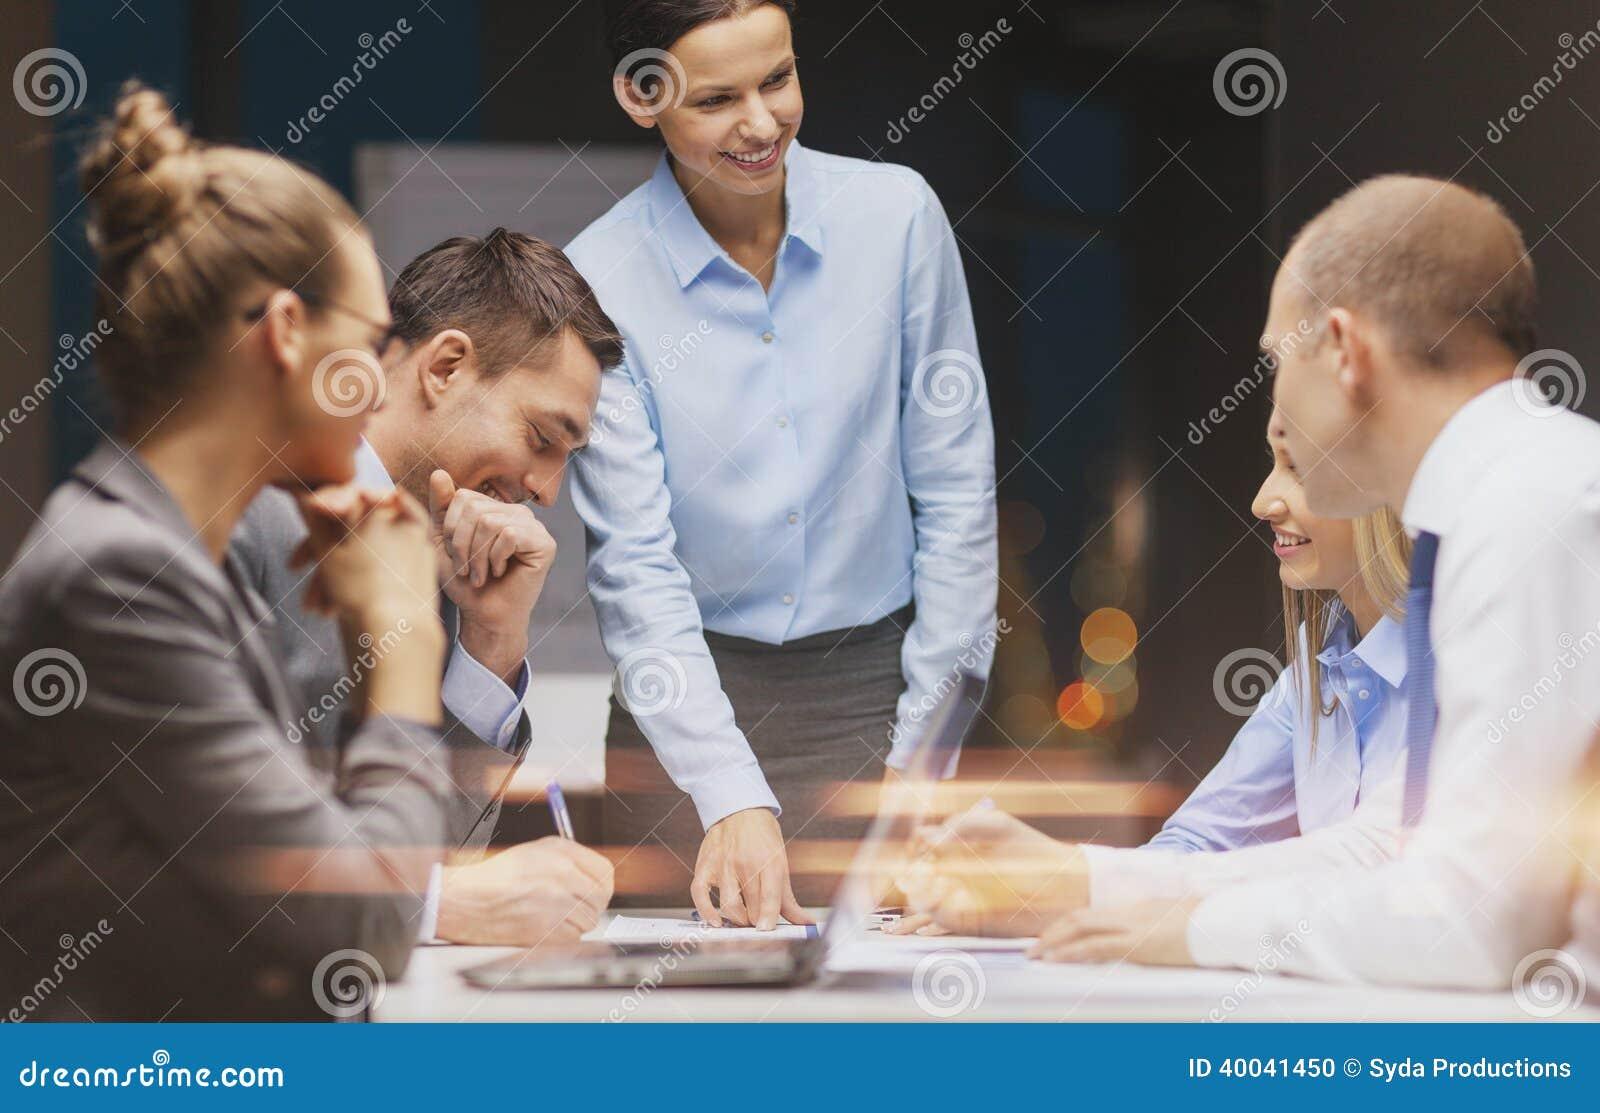 Jefe femenino sonriente que habla con el equipo del negocio